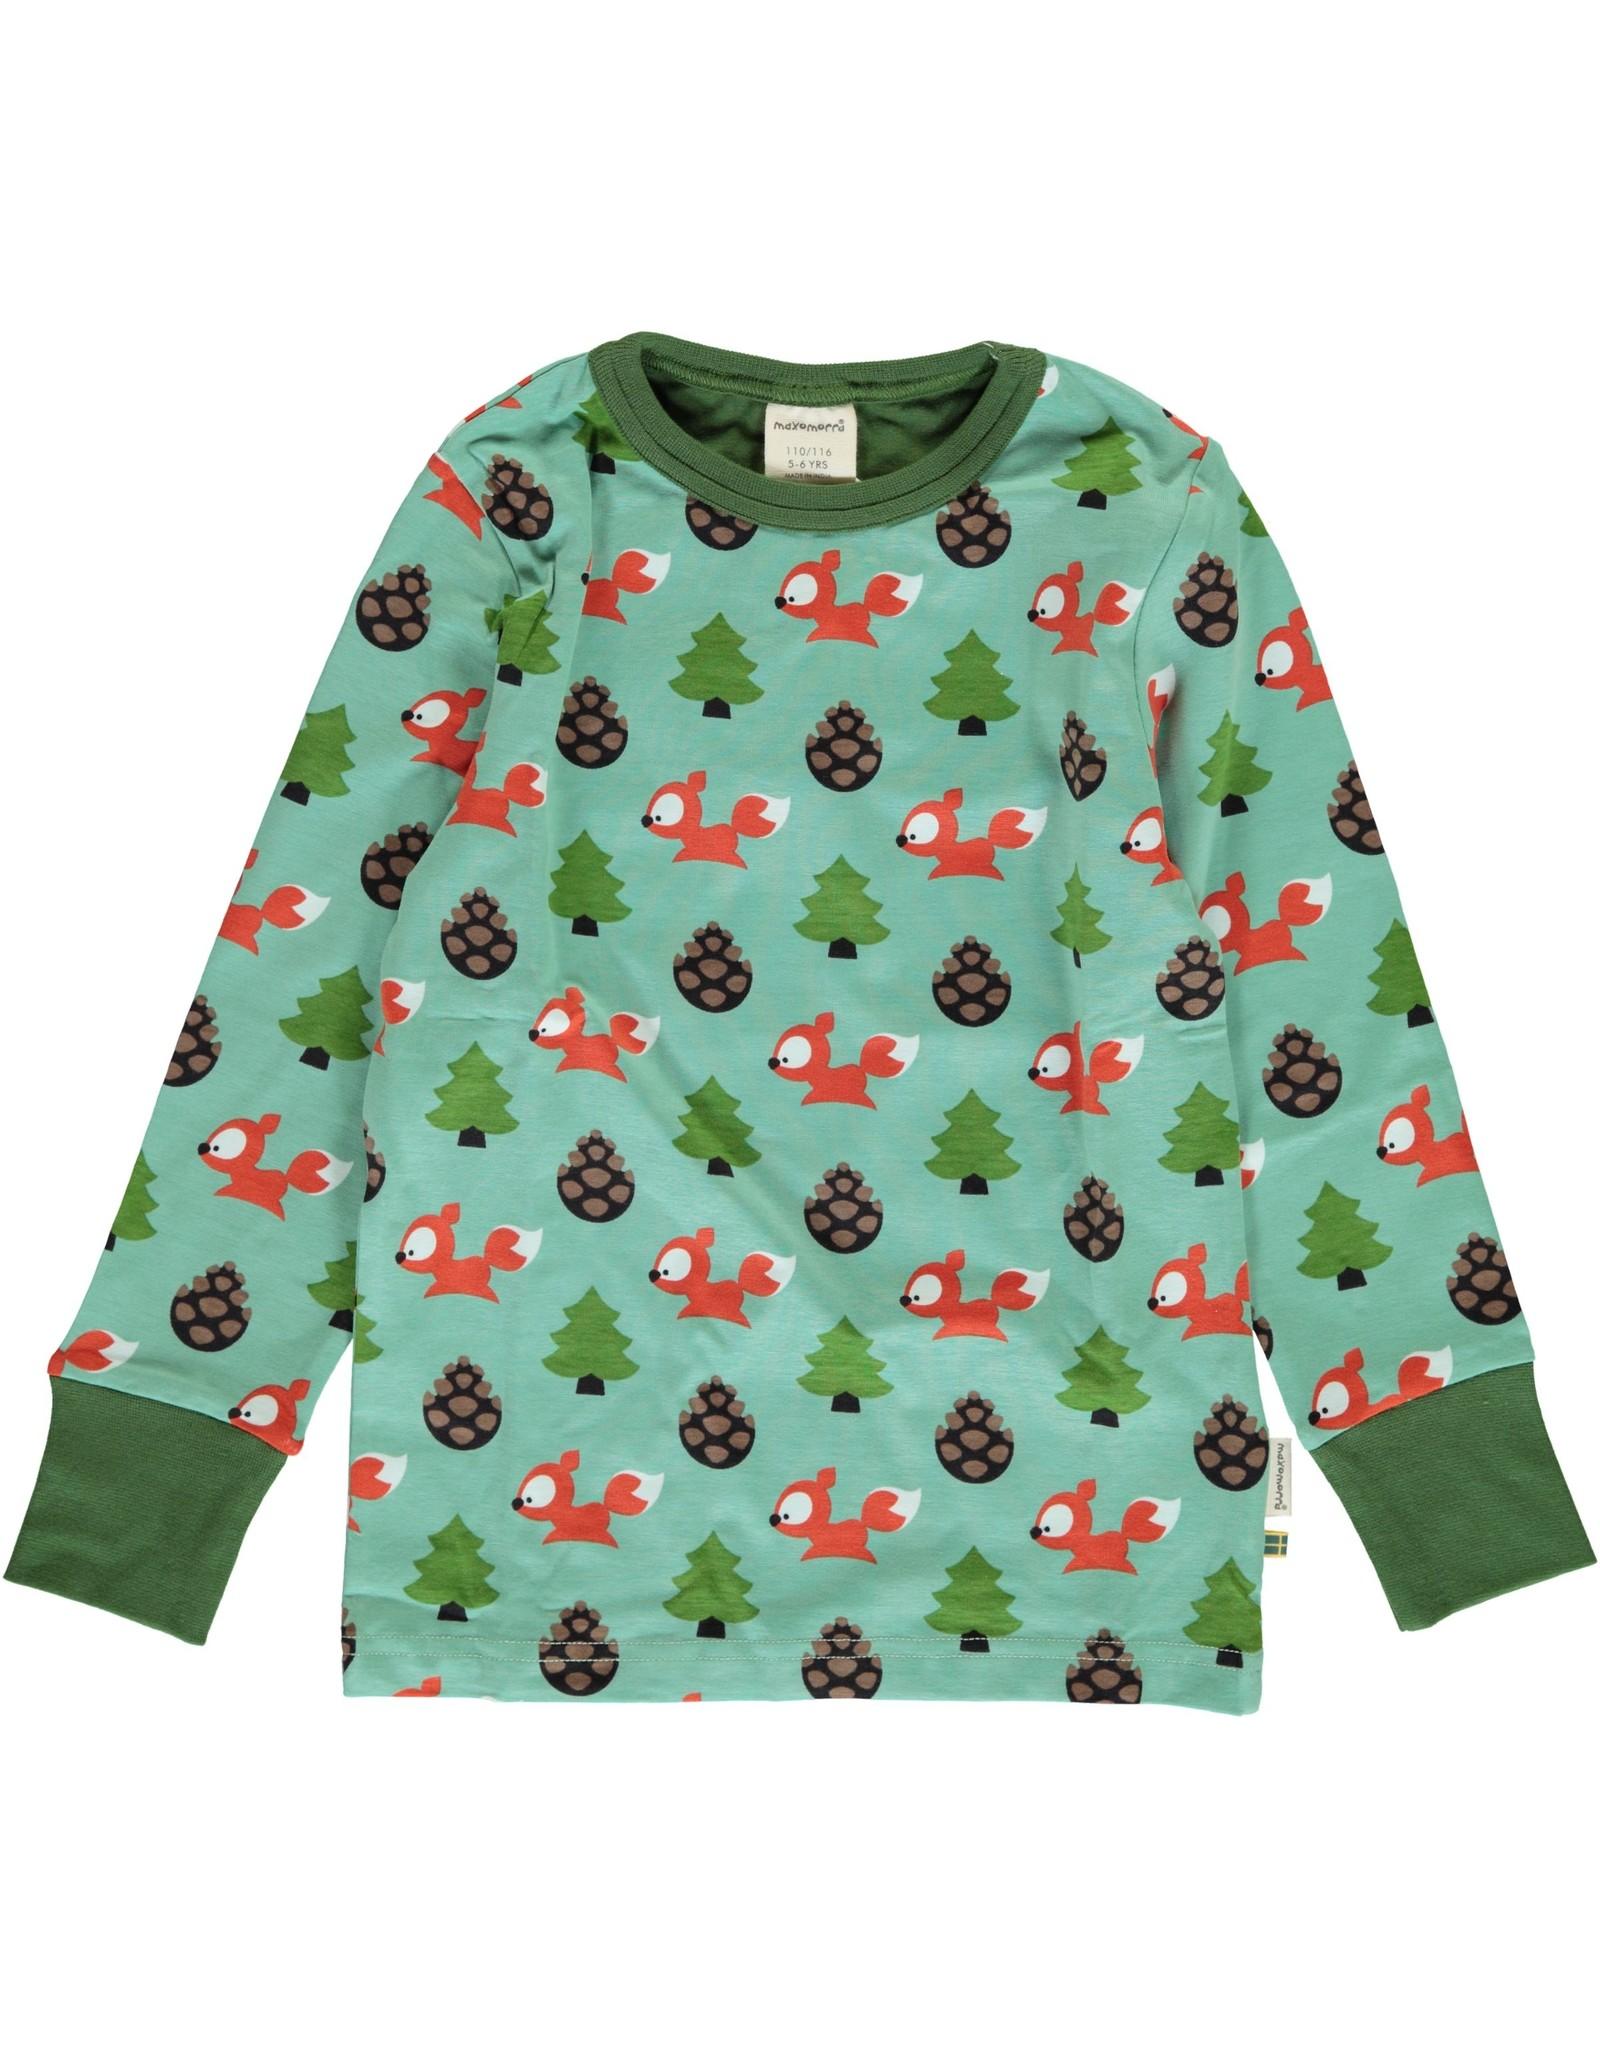 Maxomorra T-shirt met eekhoorn print - LAATSTE MAAT 86/92